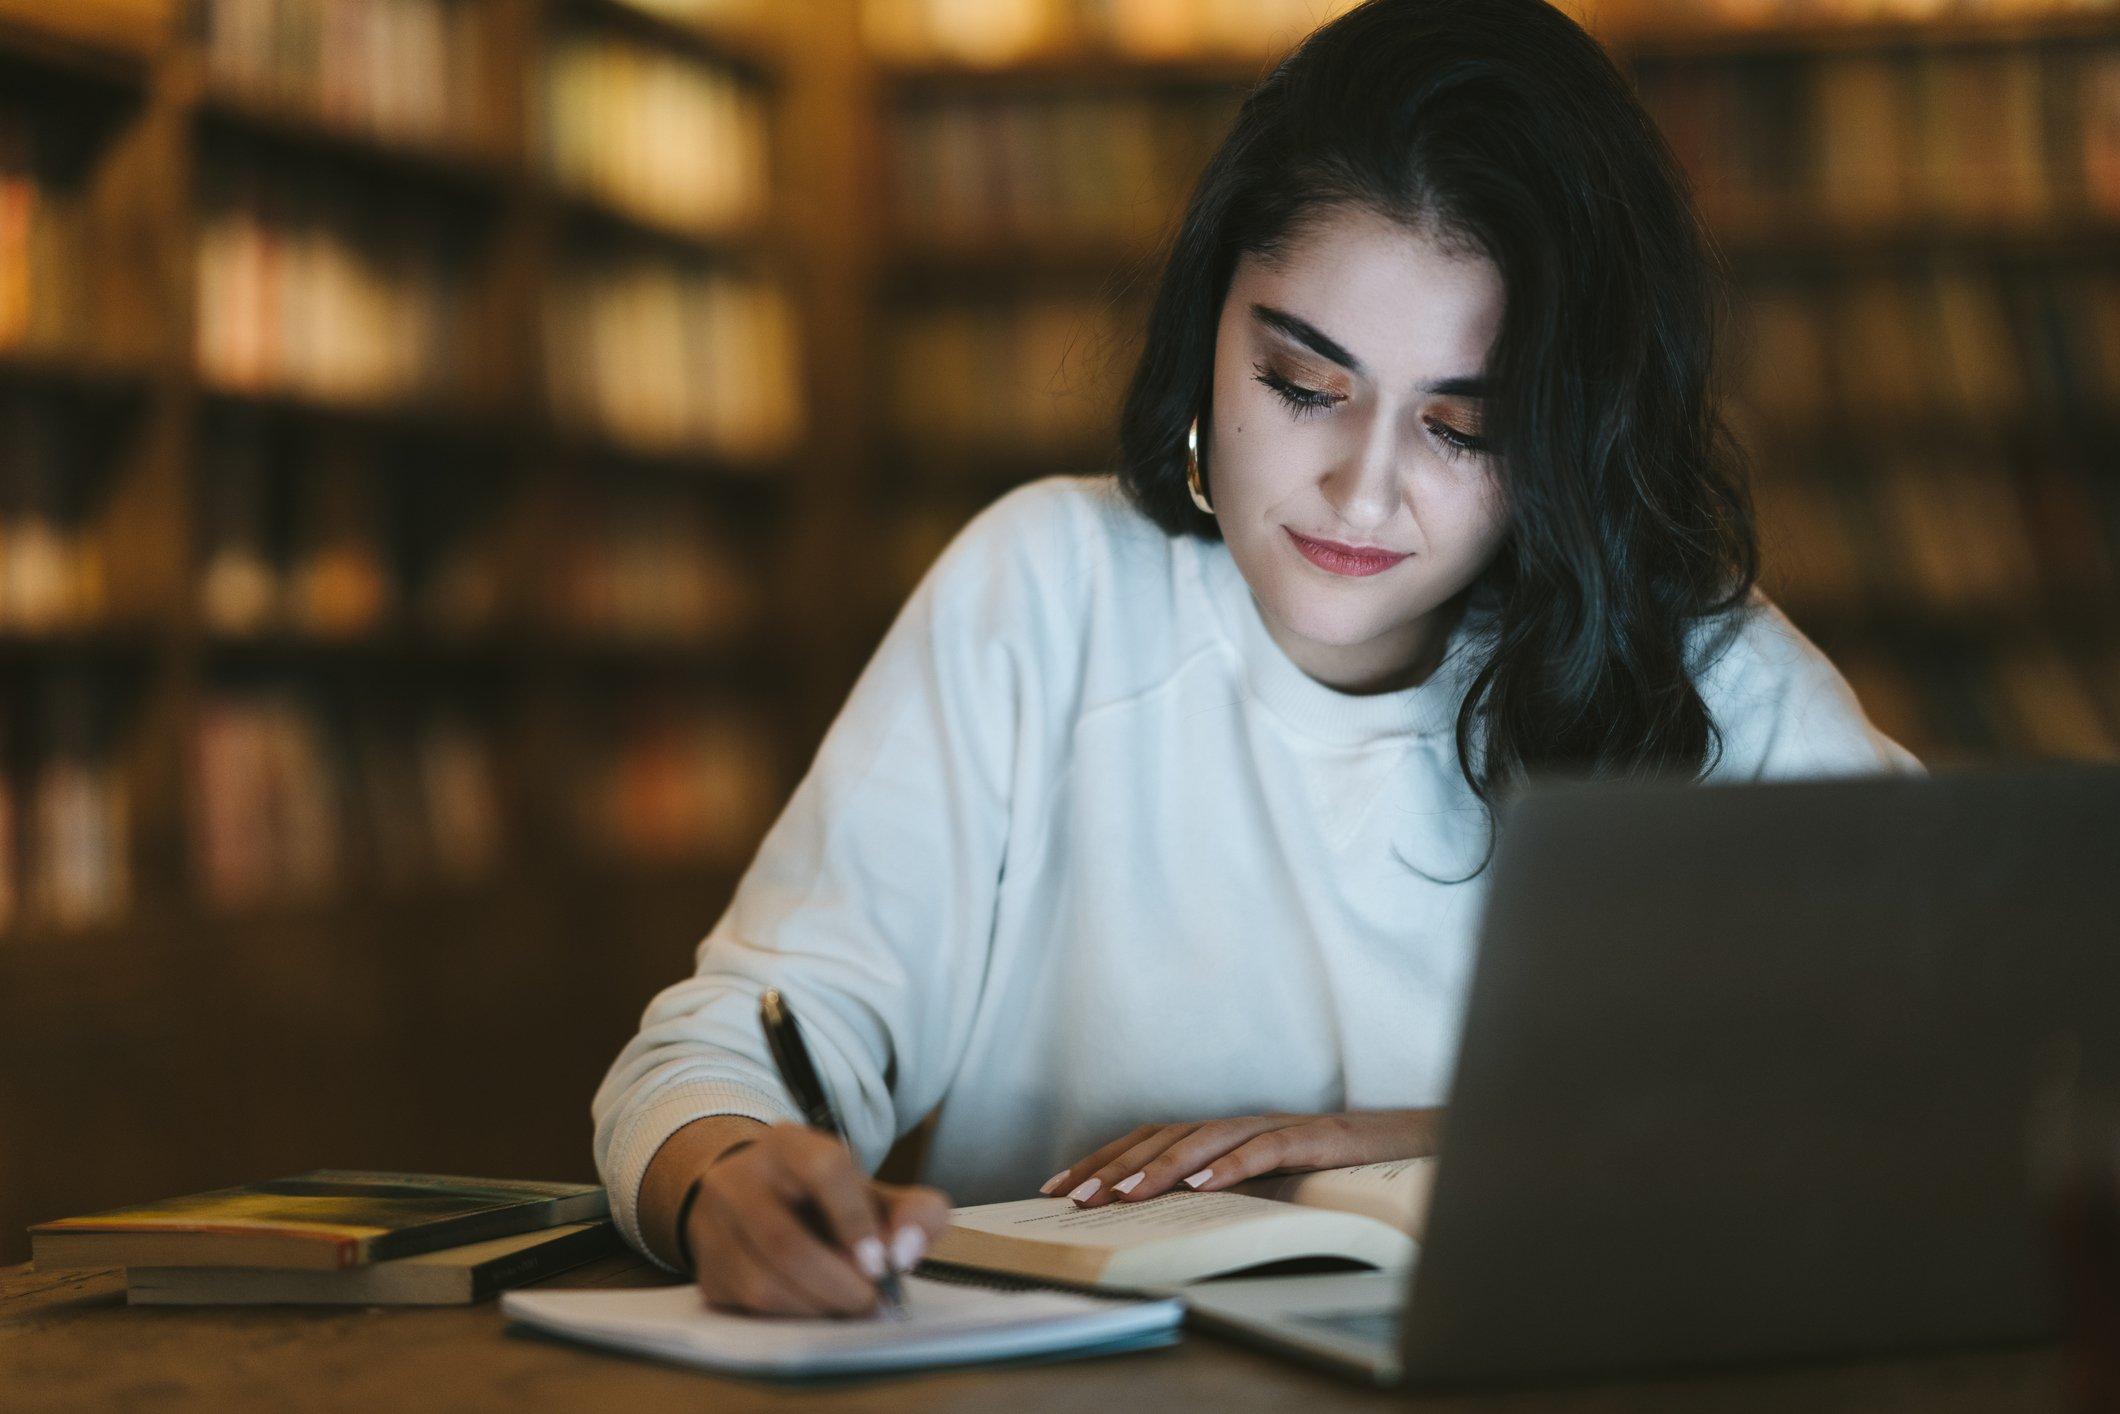 (Português do Brasil) [Na mídia] Edtechs: reinvenção da educação vira oportunidade de negócio